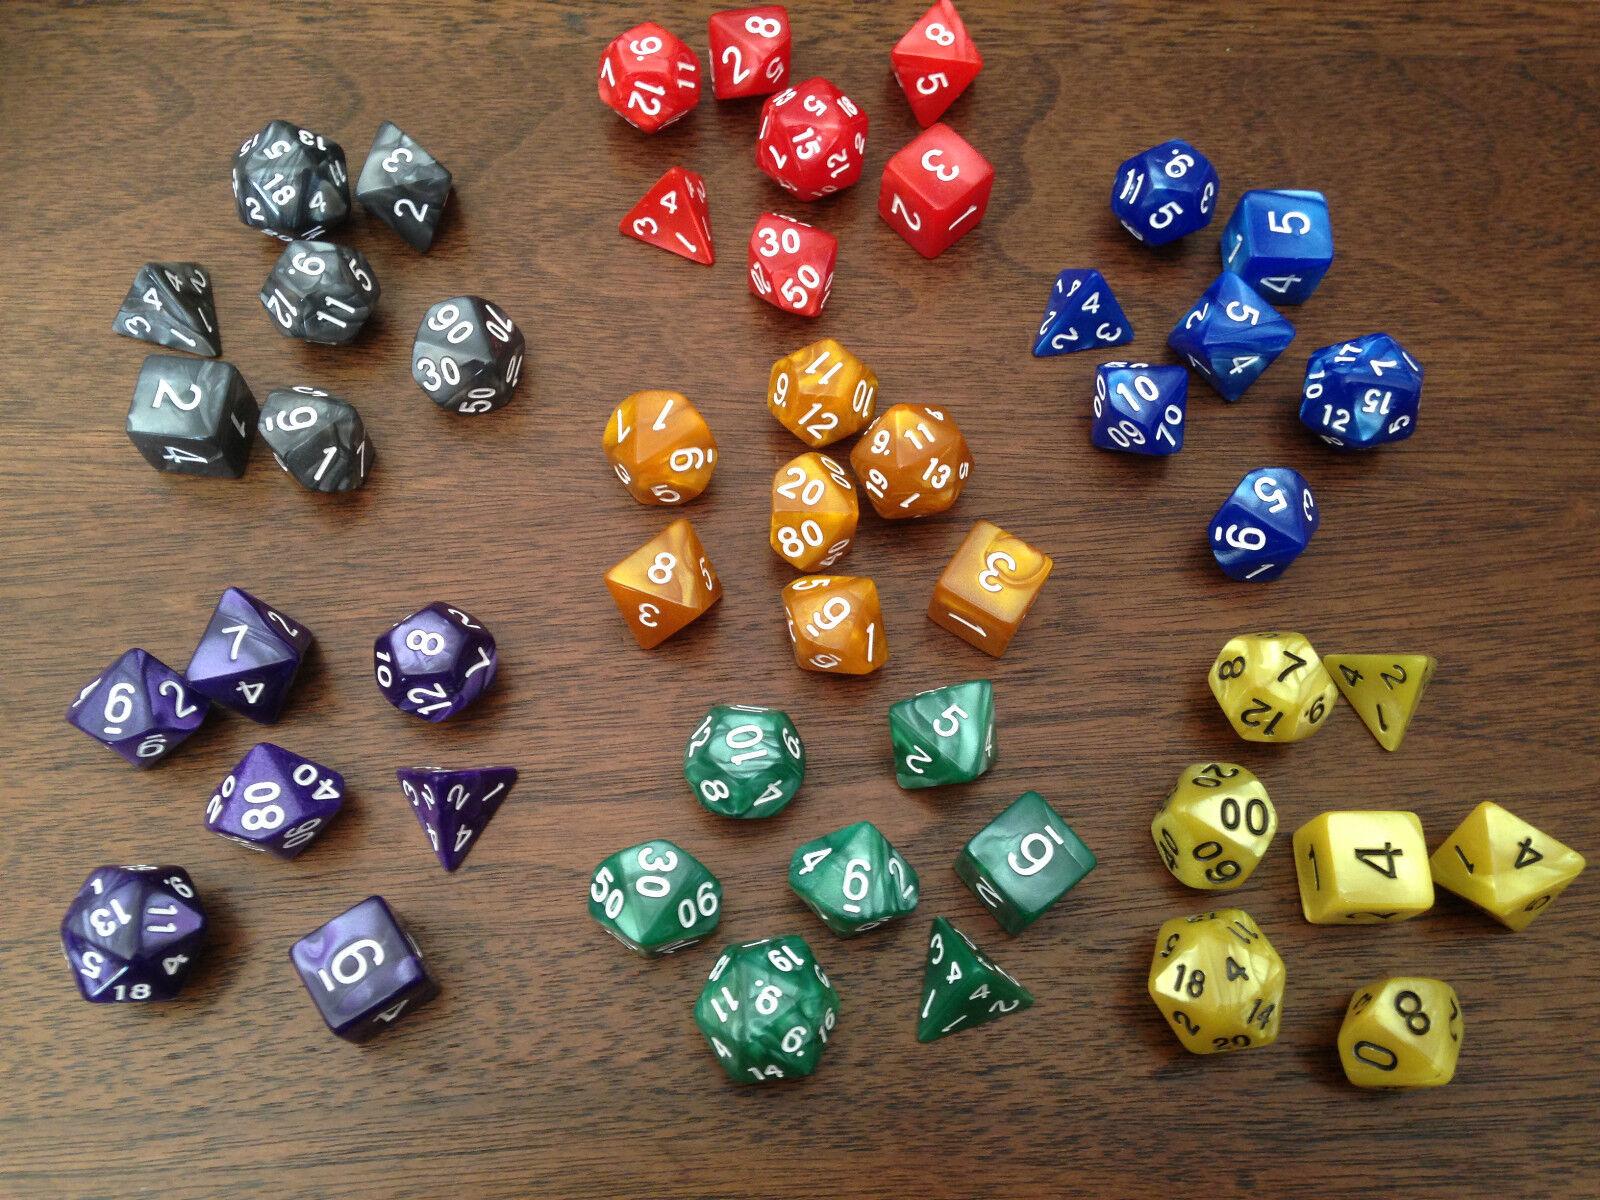 Perle Mehrseitige Würfel Set von 7 D4 D6 D8 D10 D12 D20 Dungeons D & D RPG